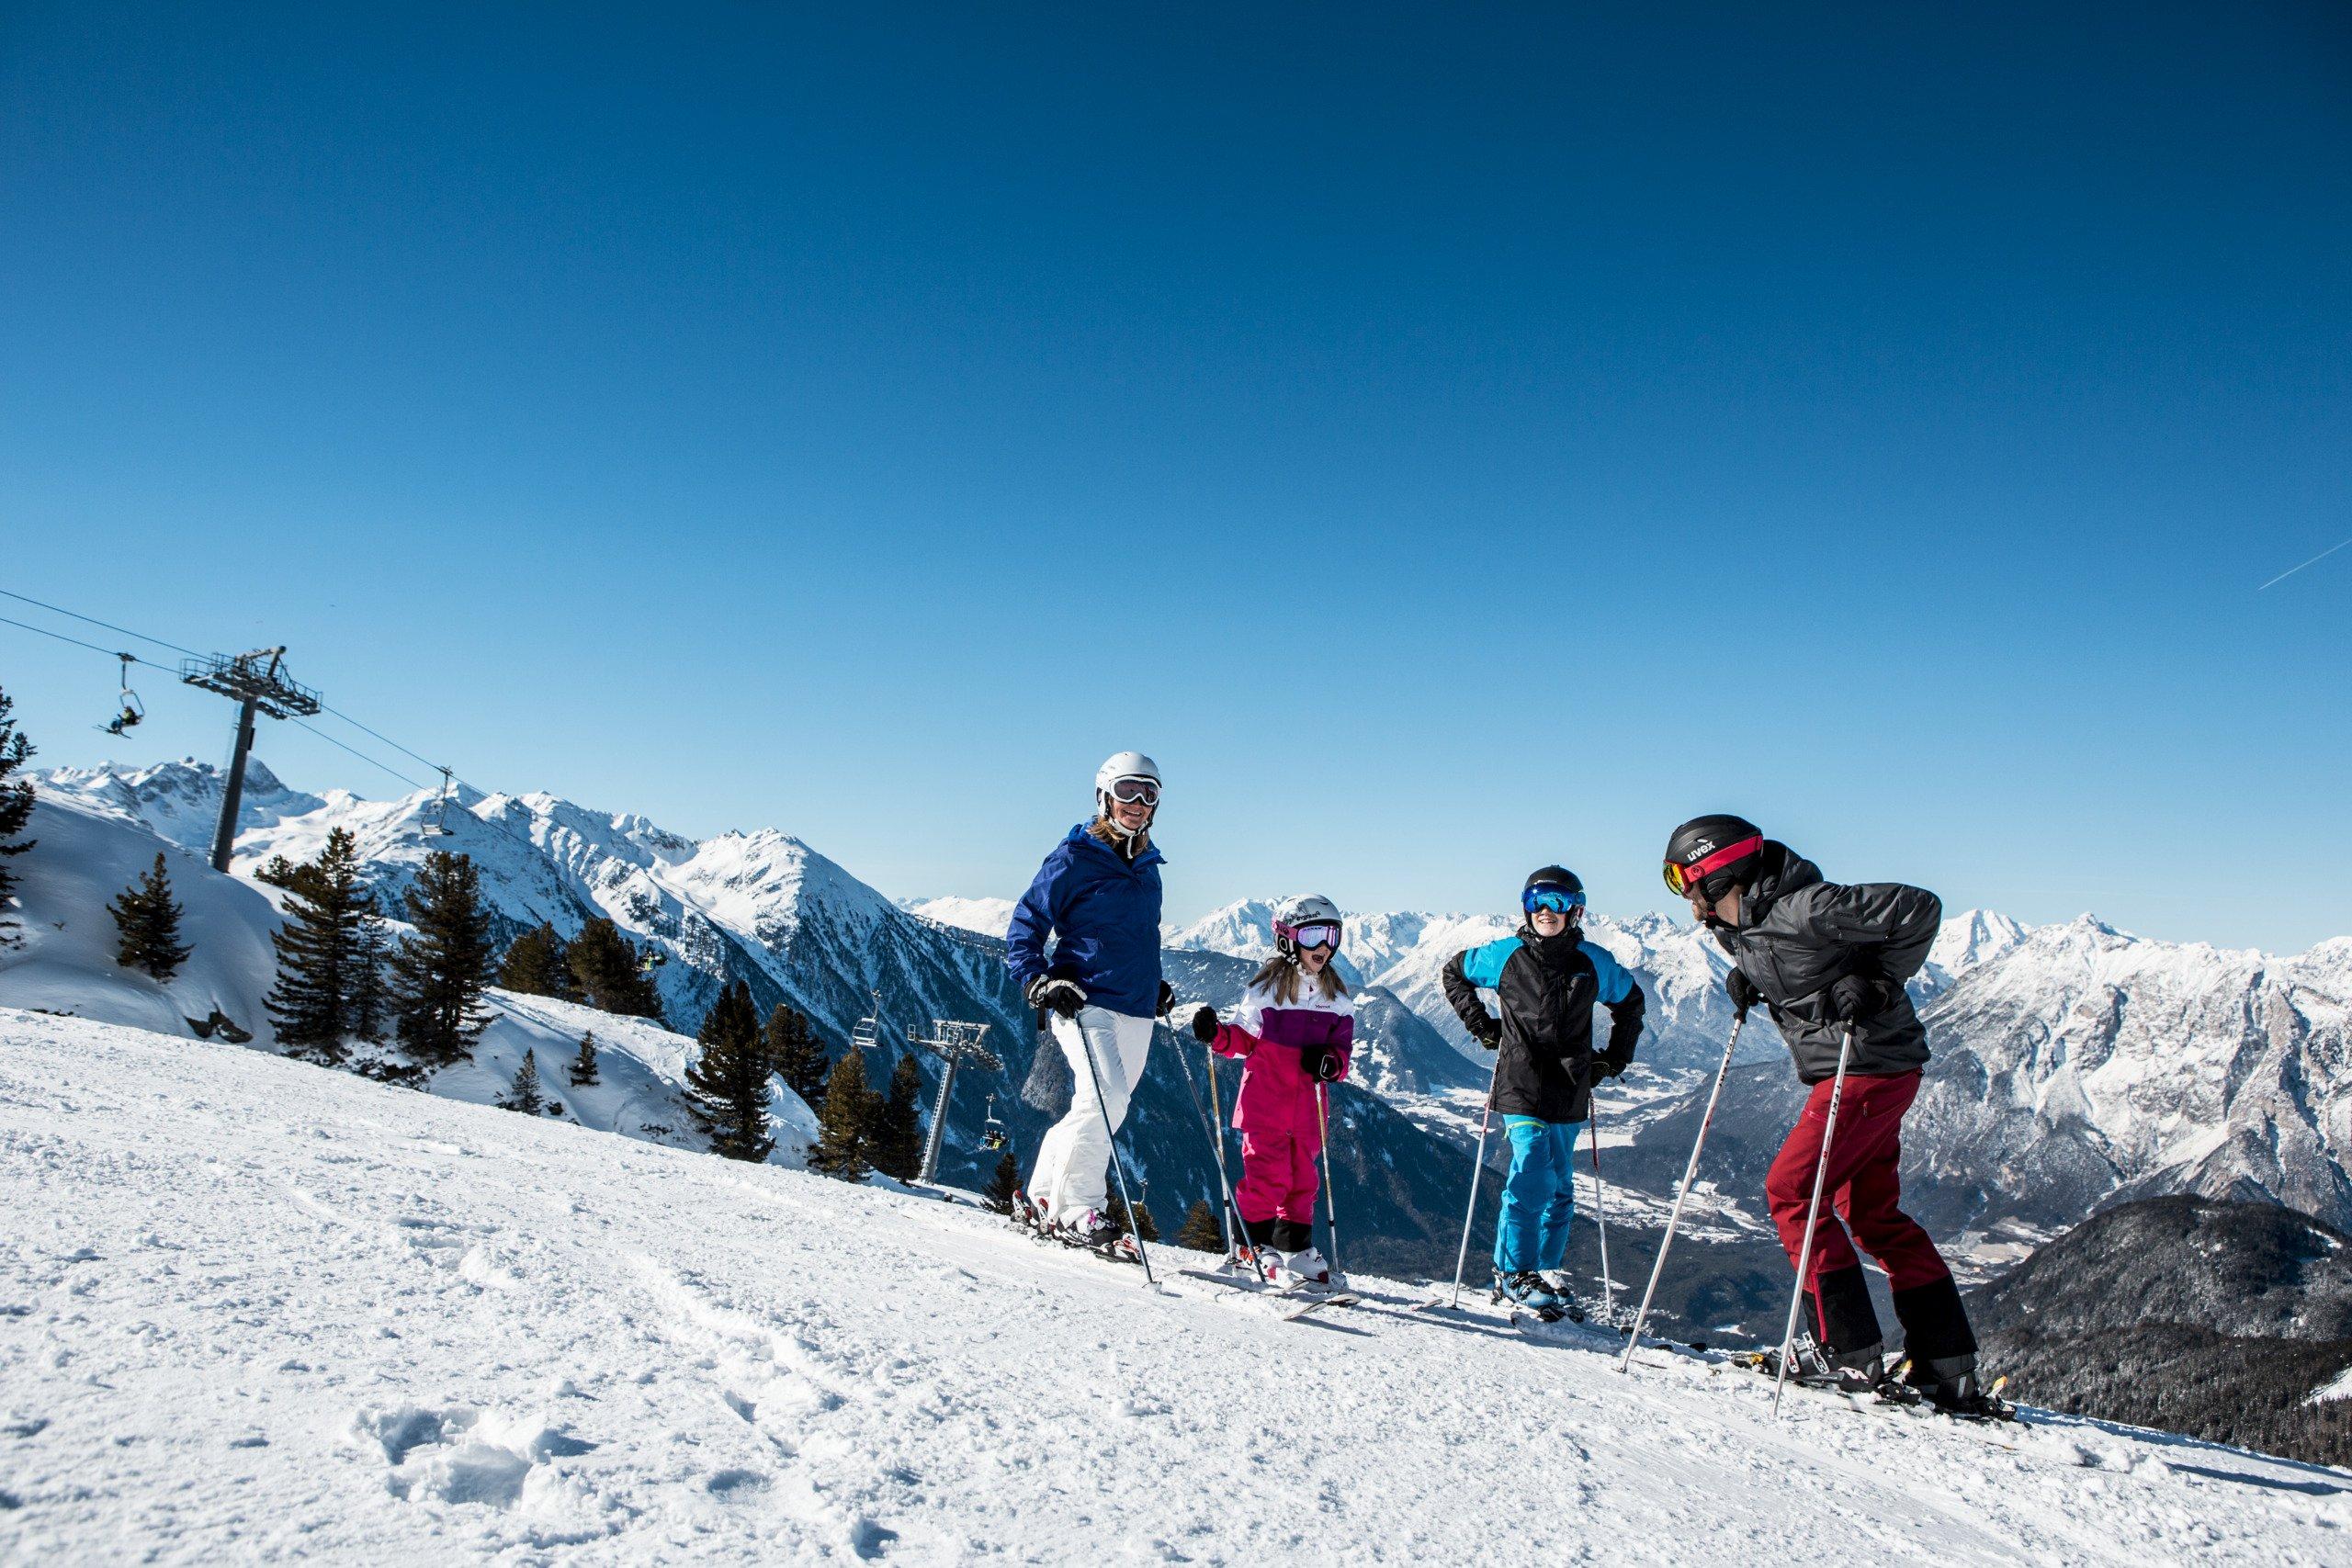 Eine Familie beim Skifahren auf einer sonnigen Piste im Skigebiet Oetz-Hochoetz.